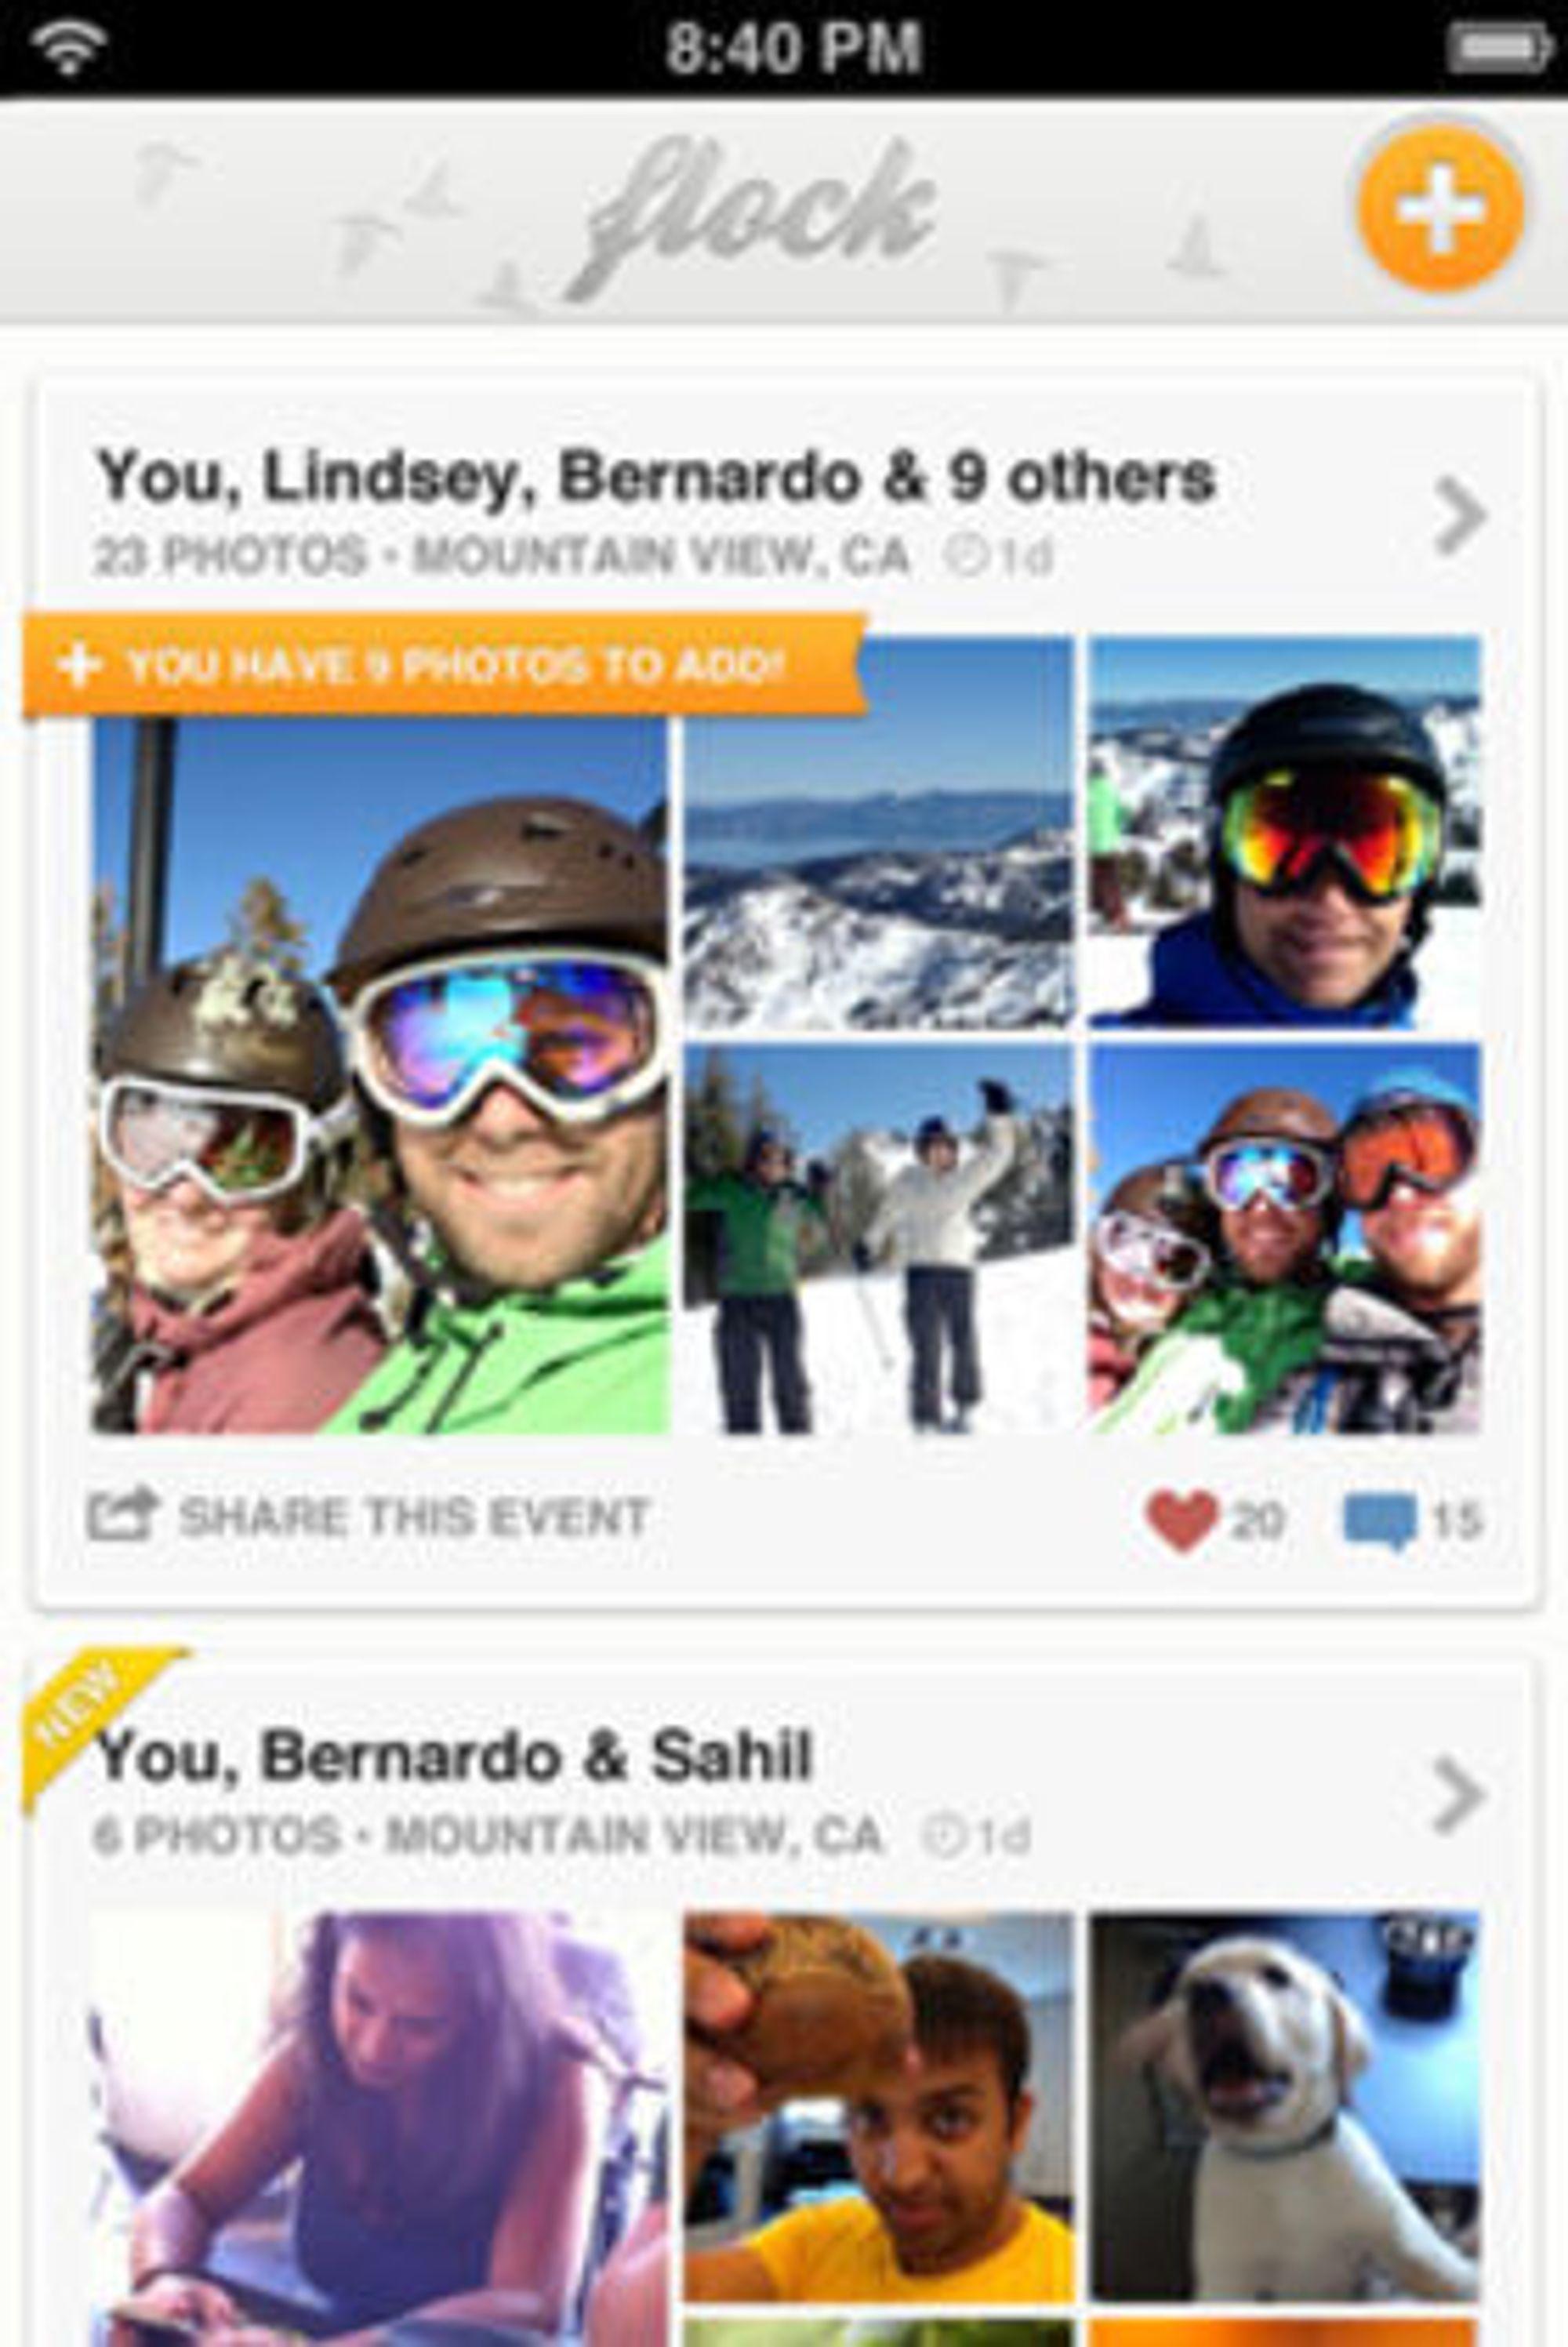 Bildetjenesten Flock ble lansert i fjor. Det kan være denne tjenesten Google er mest interessert i, spekulerer TechCrunch.